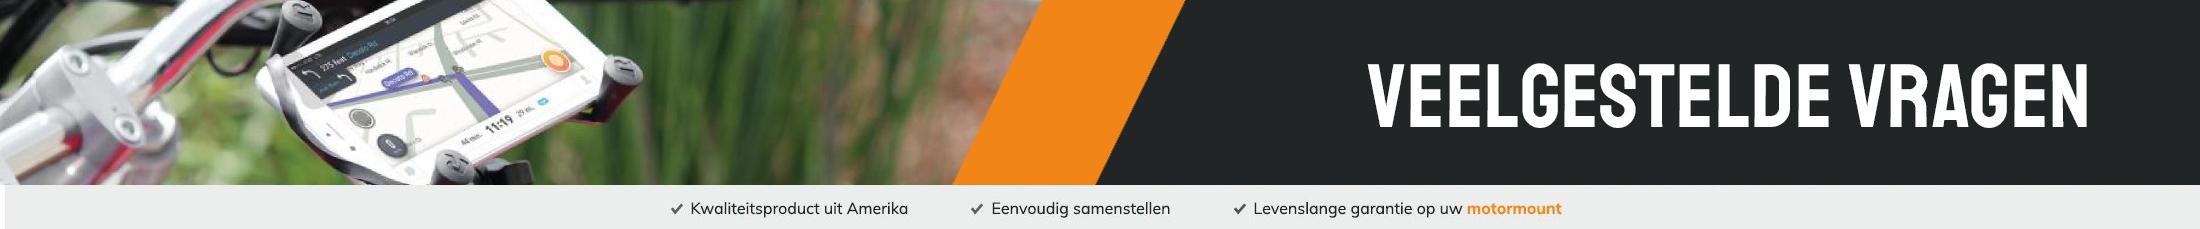 Motormount.nl - veelgestelde vragen